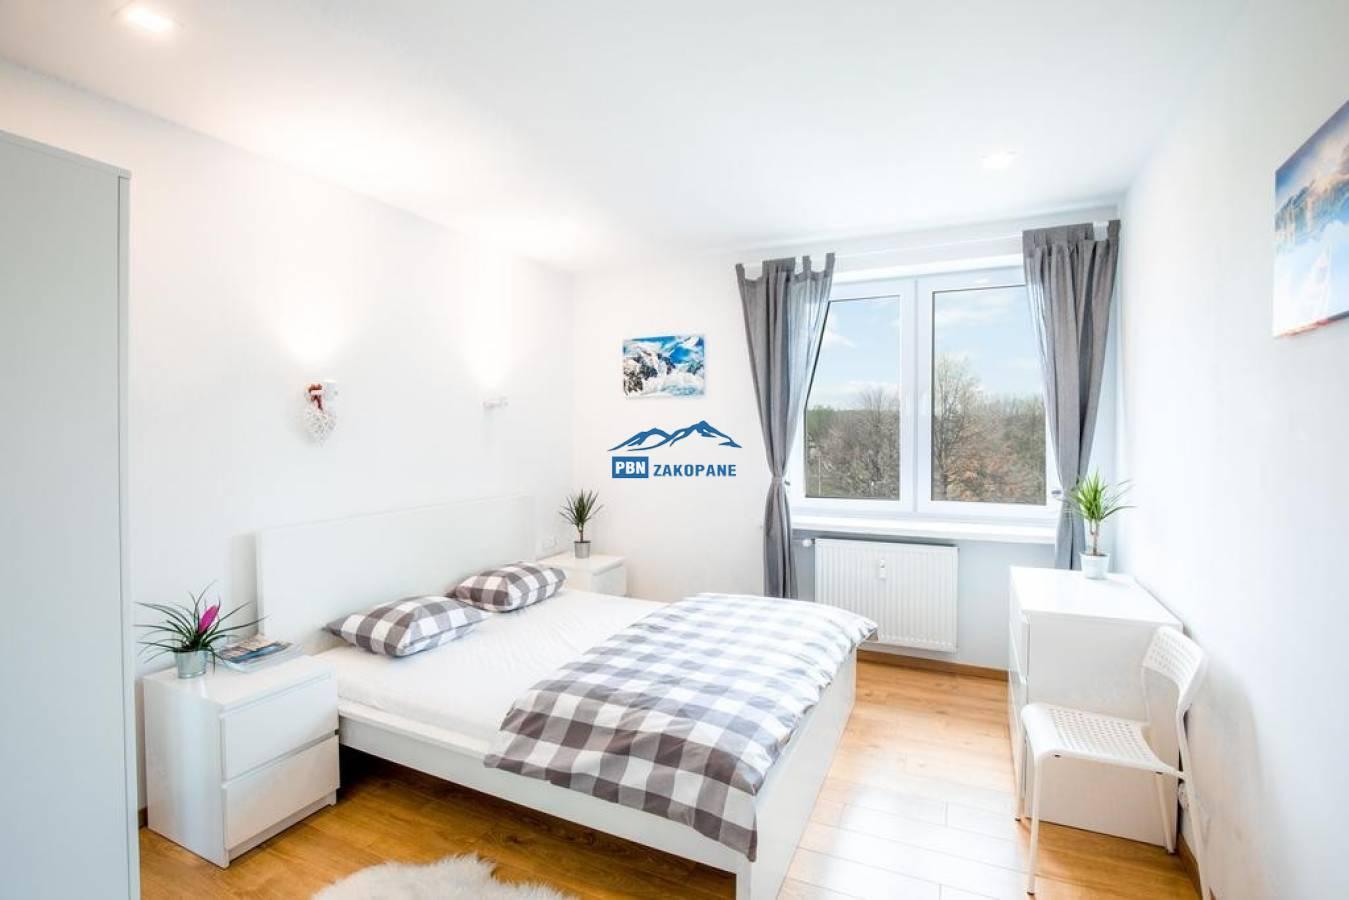 Apartament 8 Zakopane Centrum